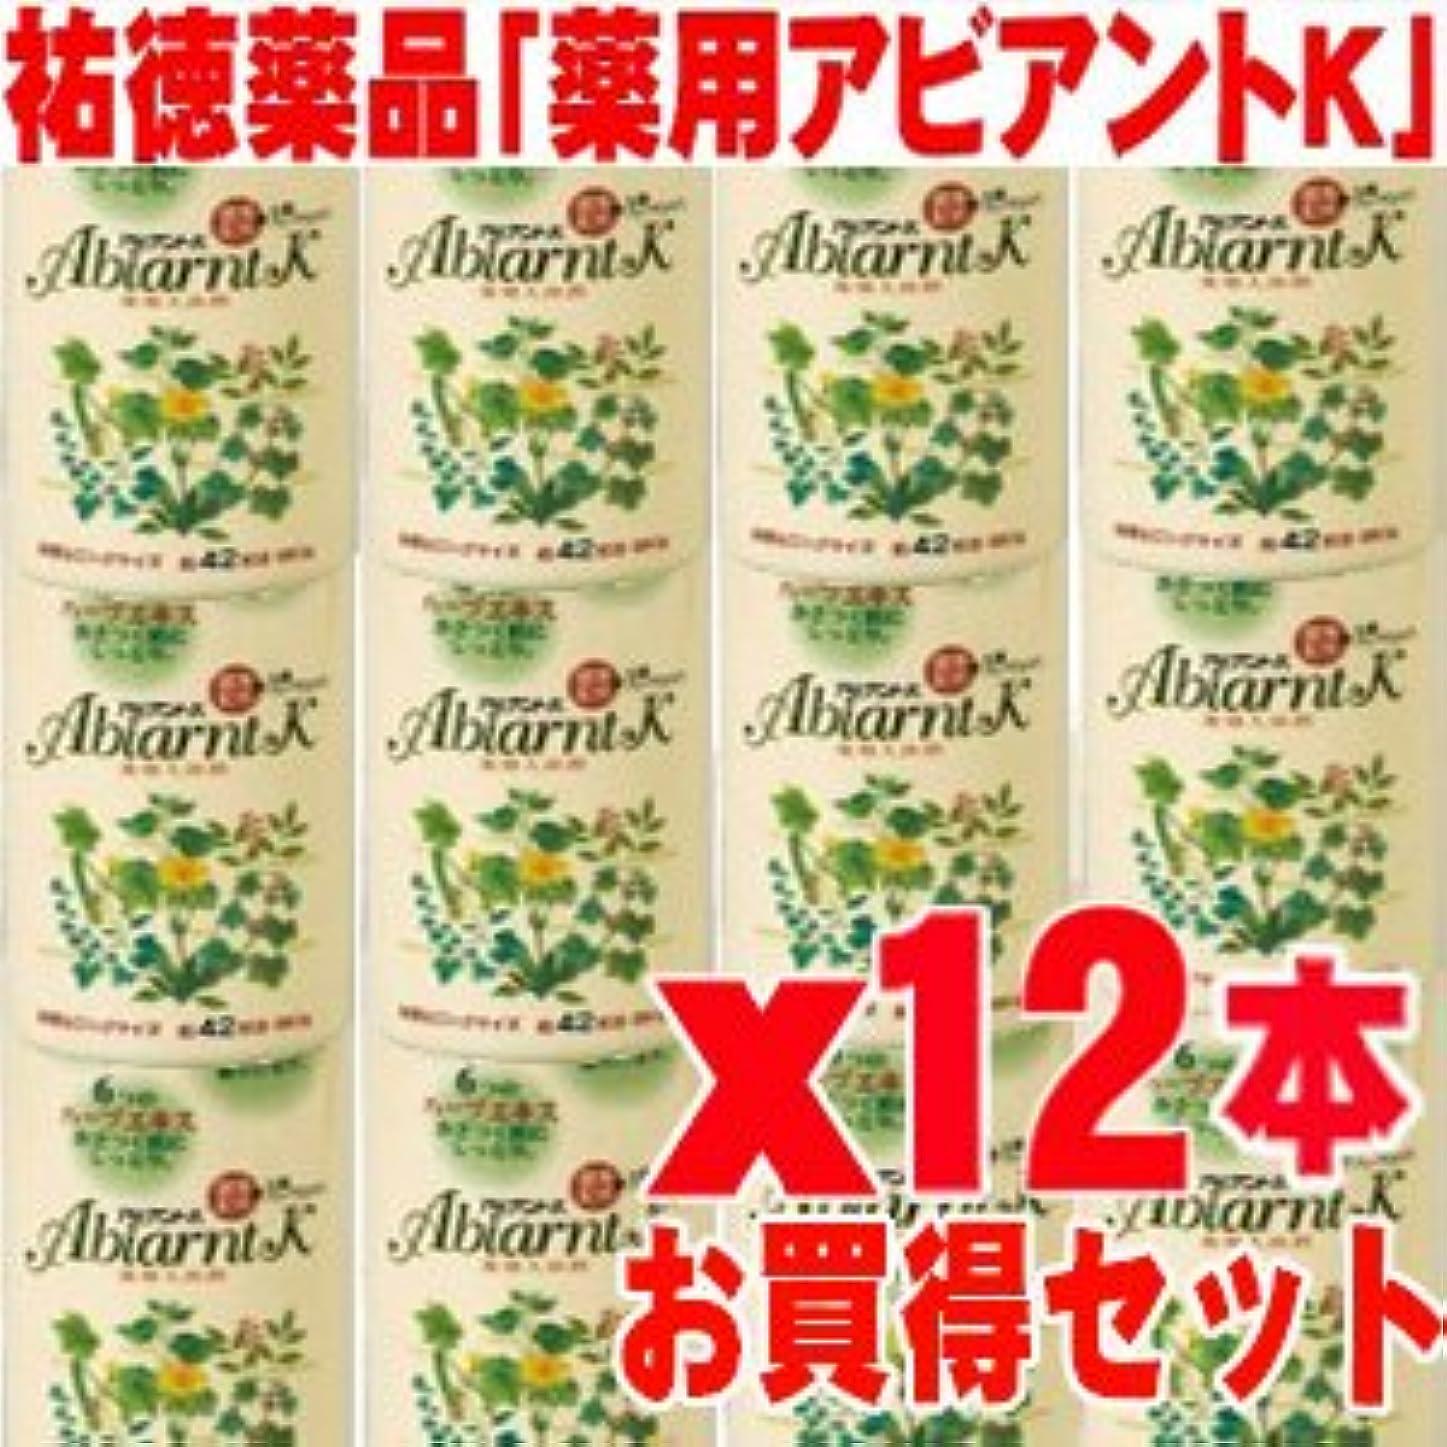 確保するパッケージ根絶するアビアントK 薬用入浴剤 850gx12本 (総合計10.2kg)4987235024123